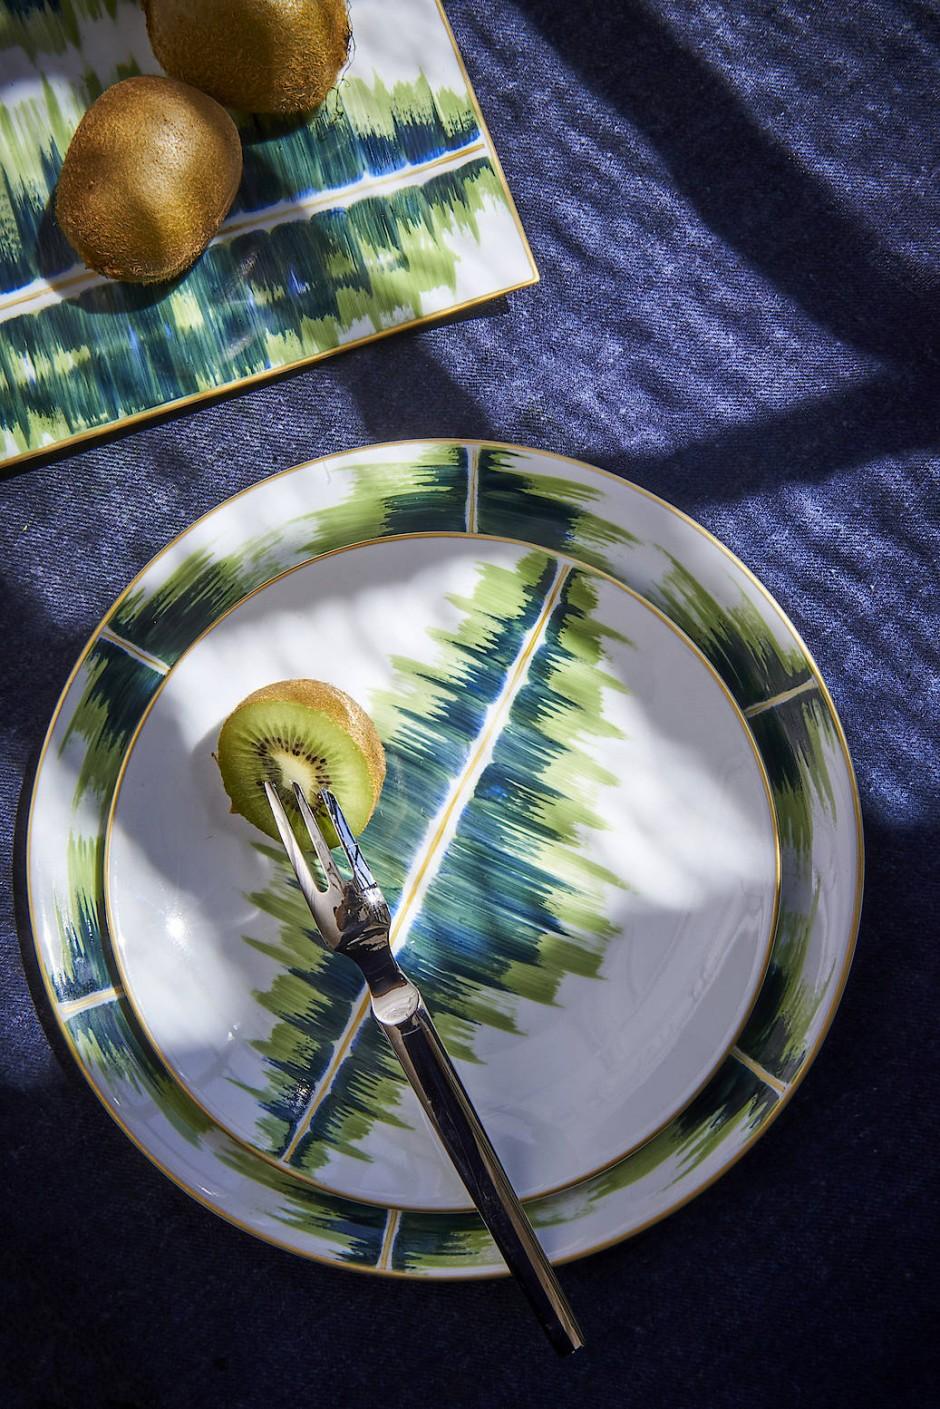 Daâge setzt in ihrer Porzellankollektion auf Farbe.